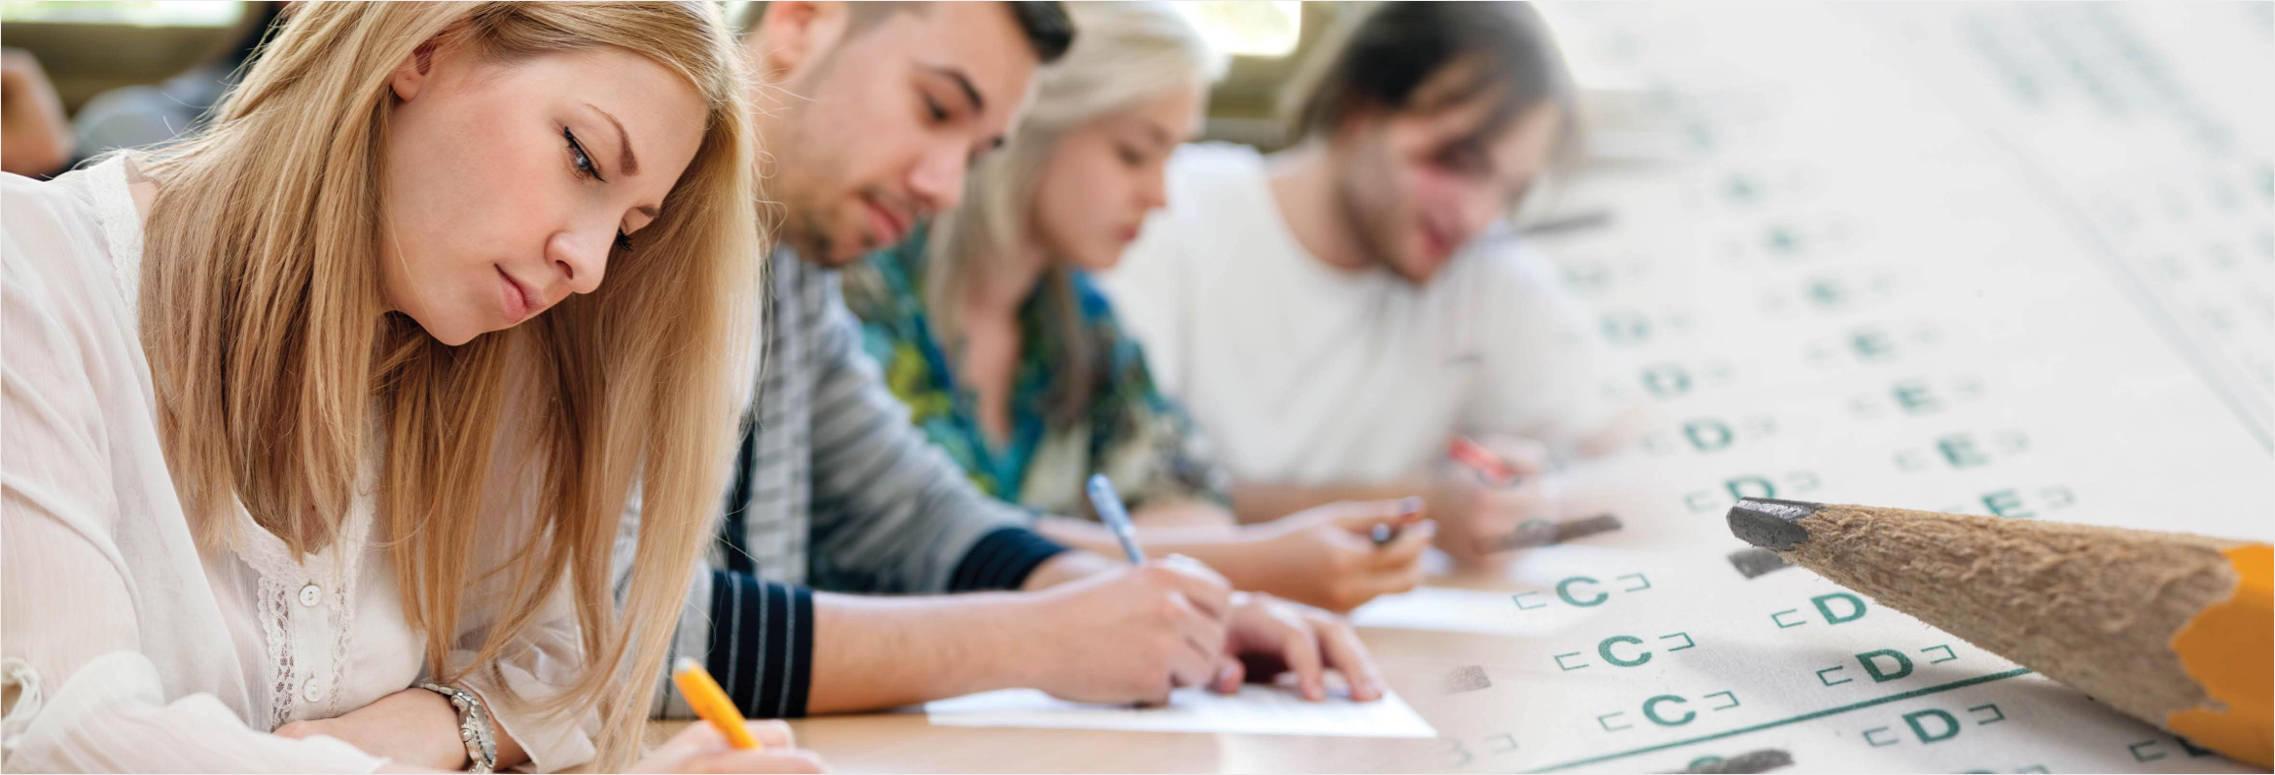 Психологические онлайн тесты бесплатно: Финансы, работа, бизнес, лидерские качества